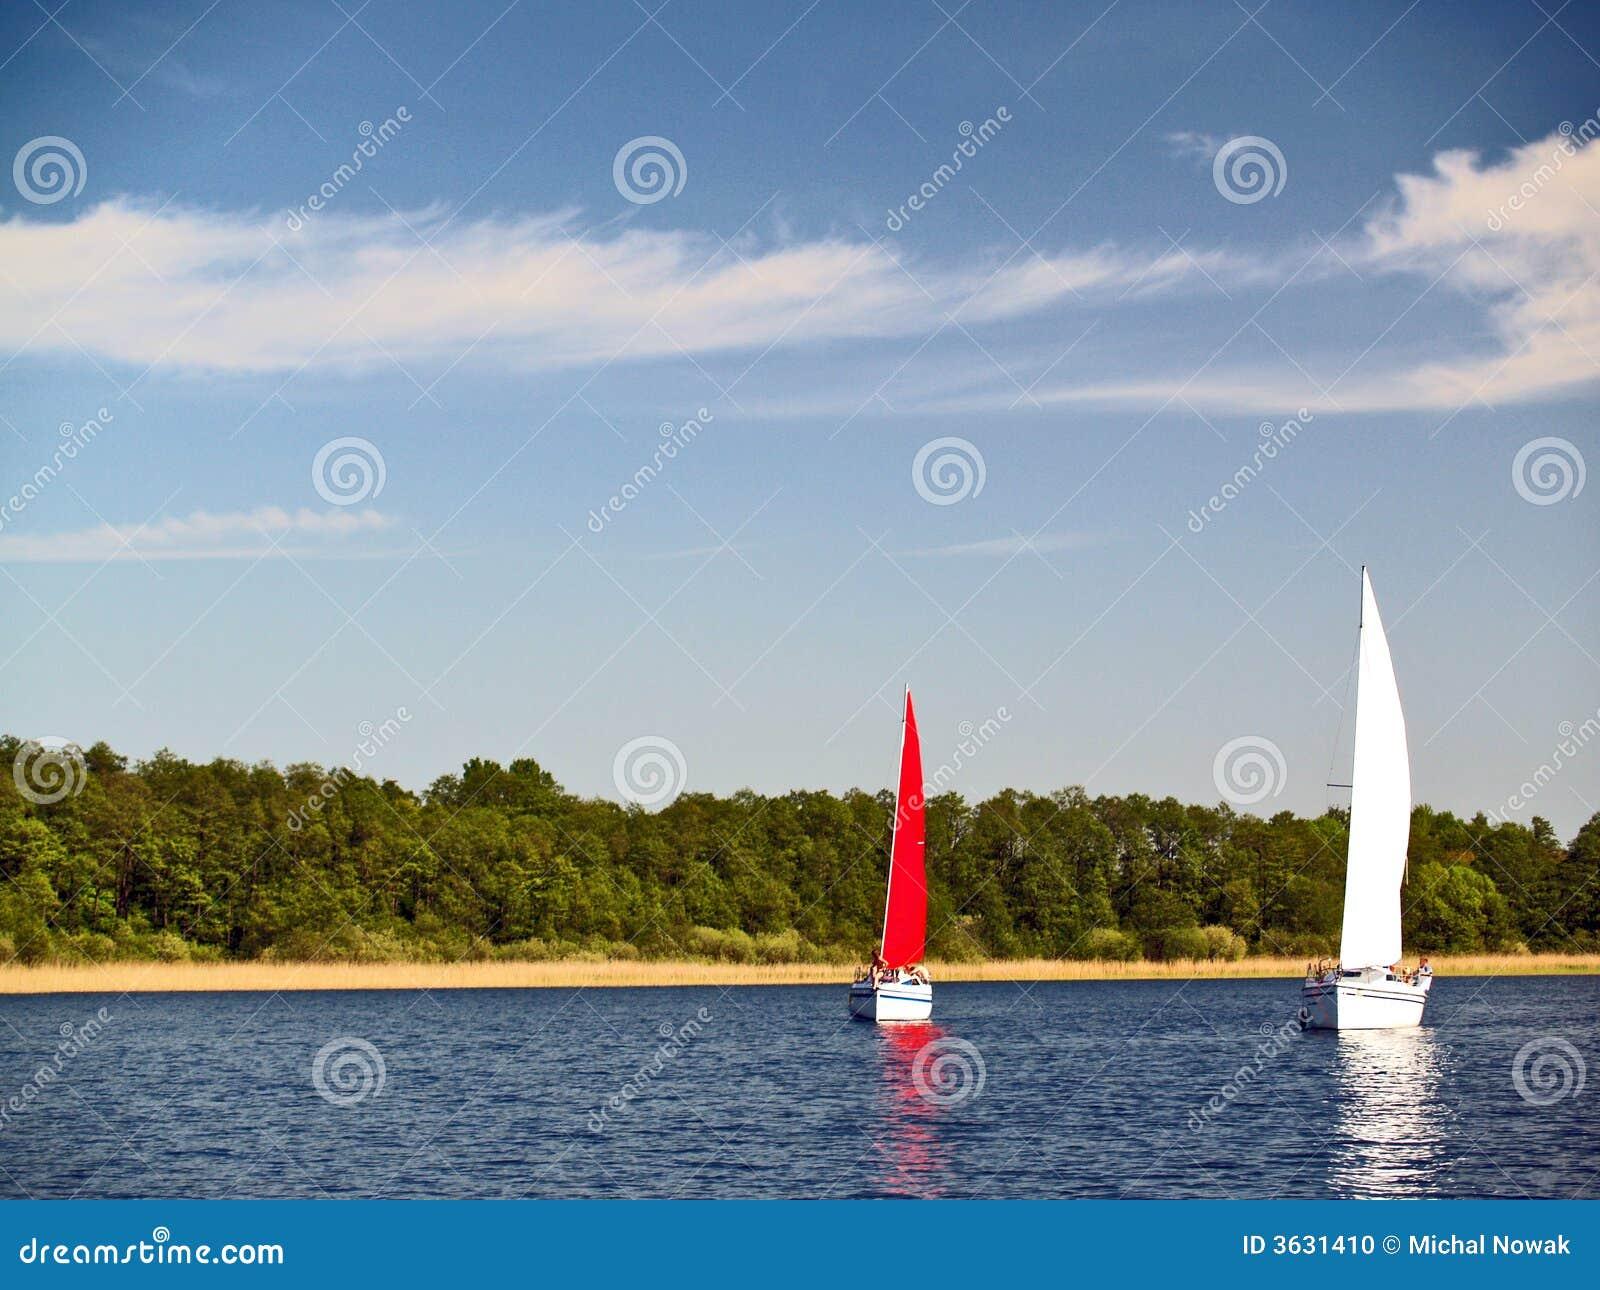 Sailing yachts on lake